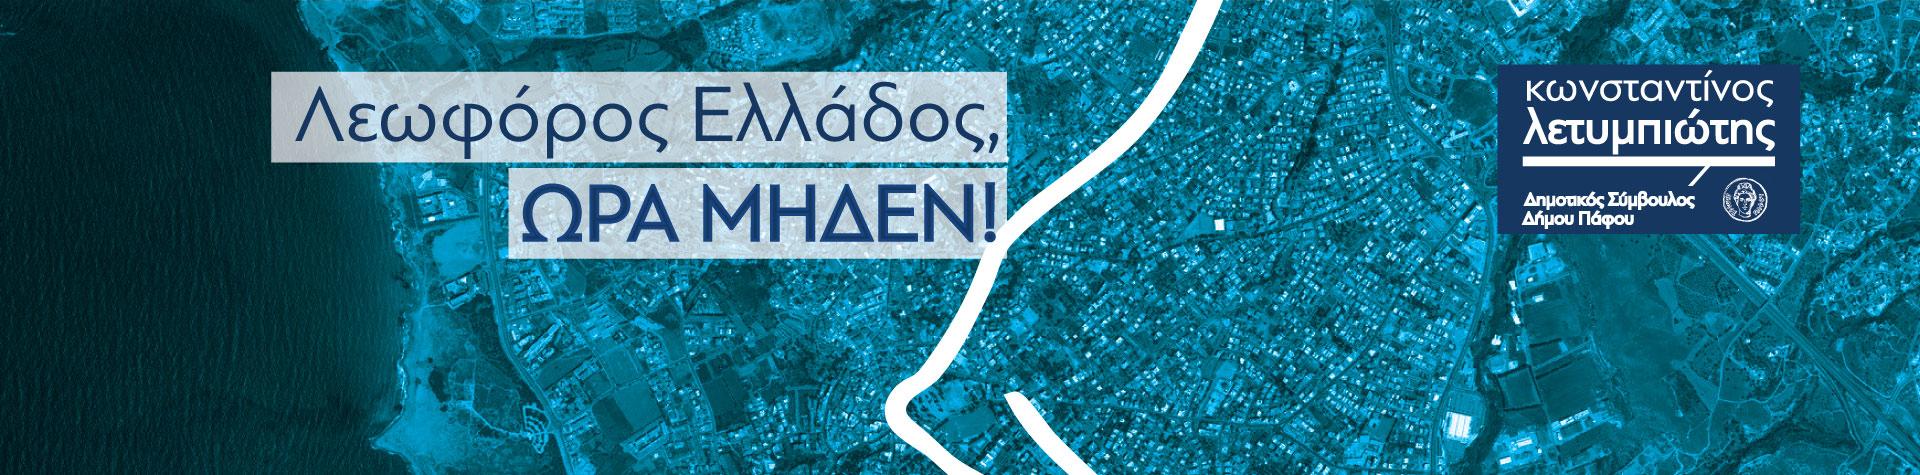 Λεωφόρος Ελλάδος…ΩΡΑ ΜΗΔΕΝ!